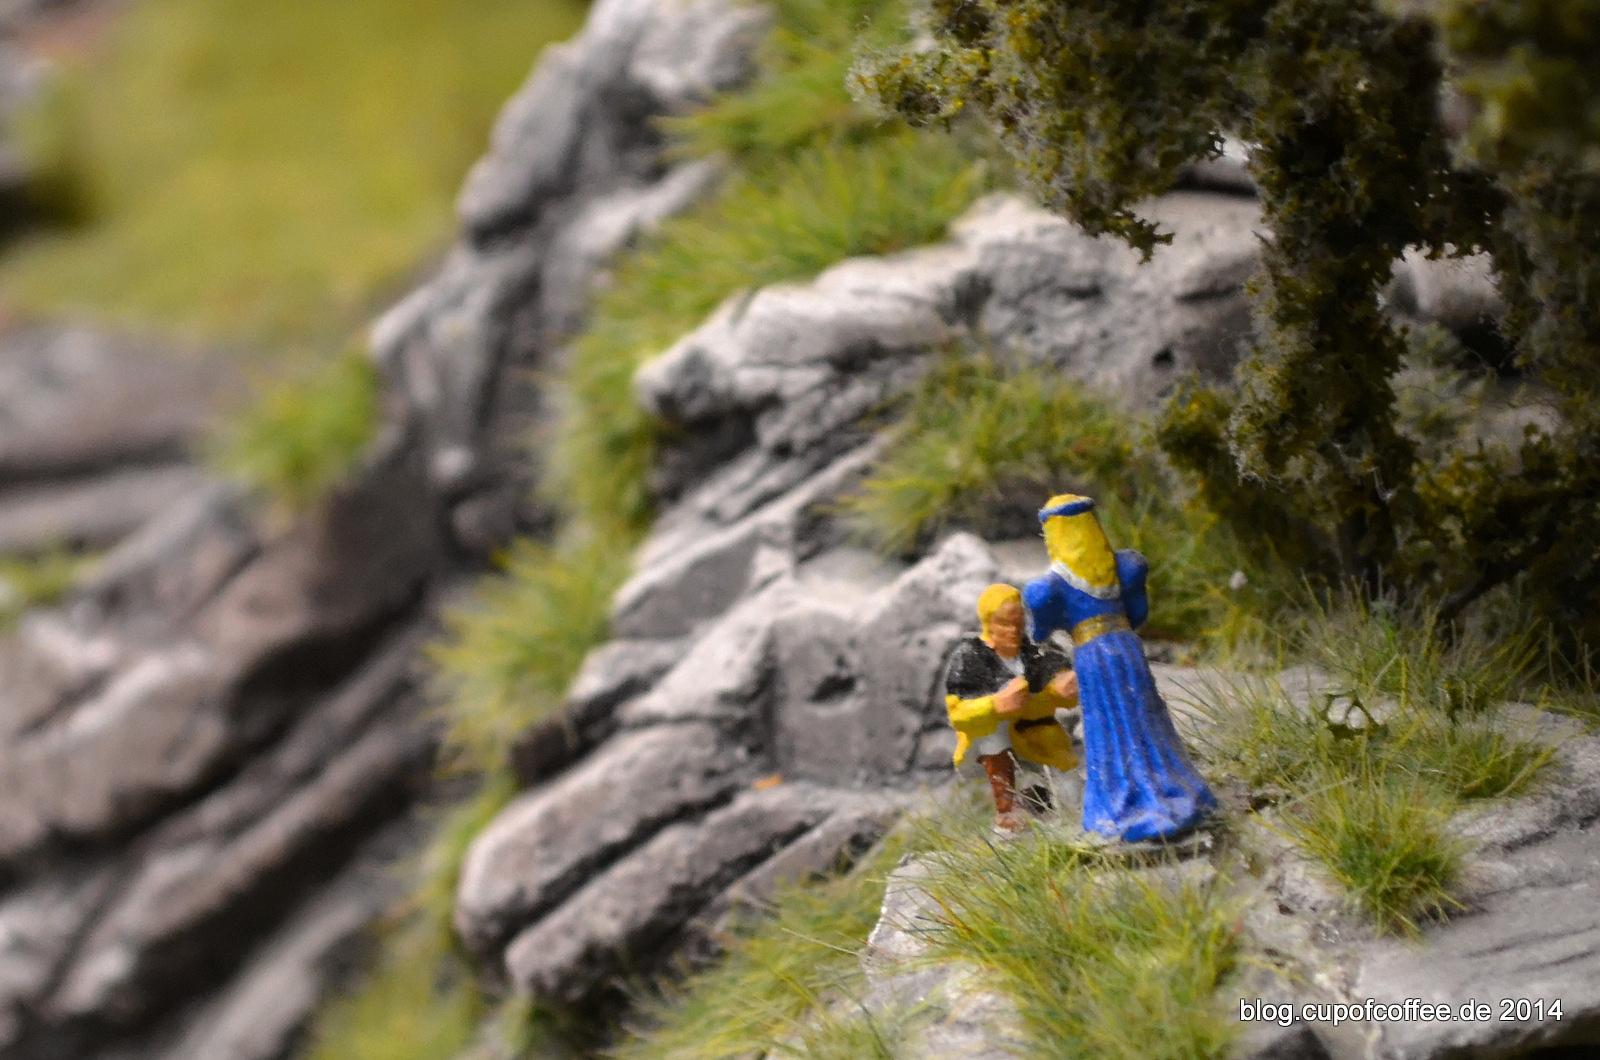 Wundersame Gestalten tummeln sich im Wunderland reichlich.